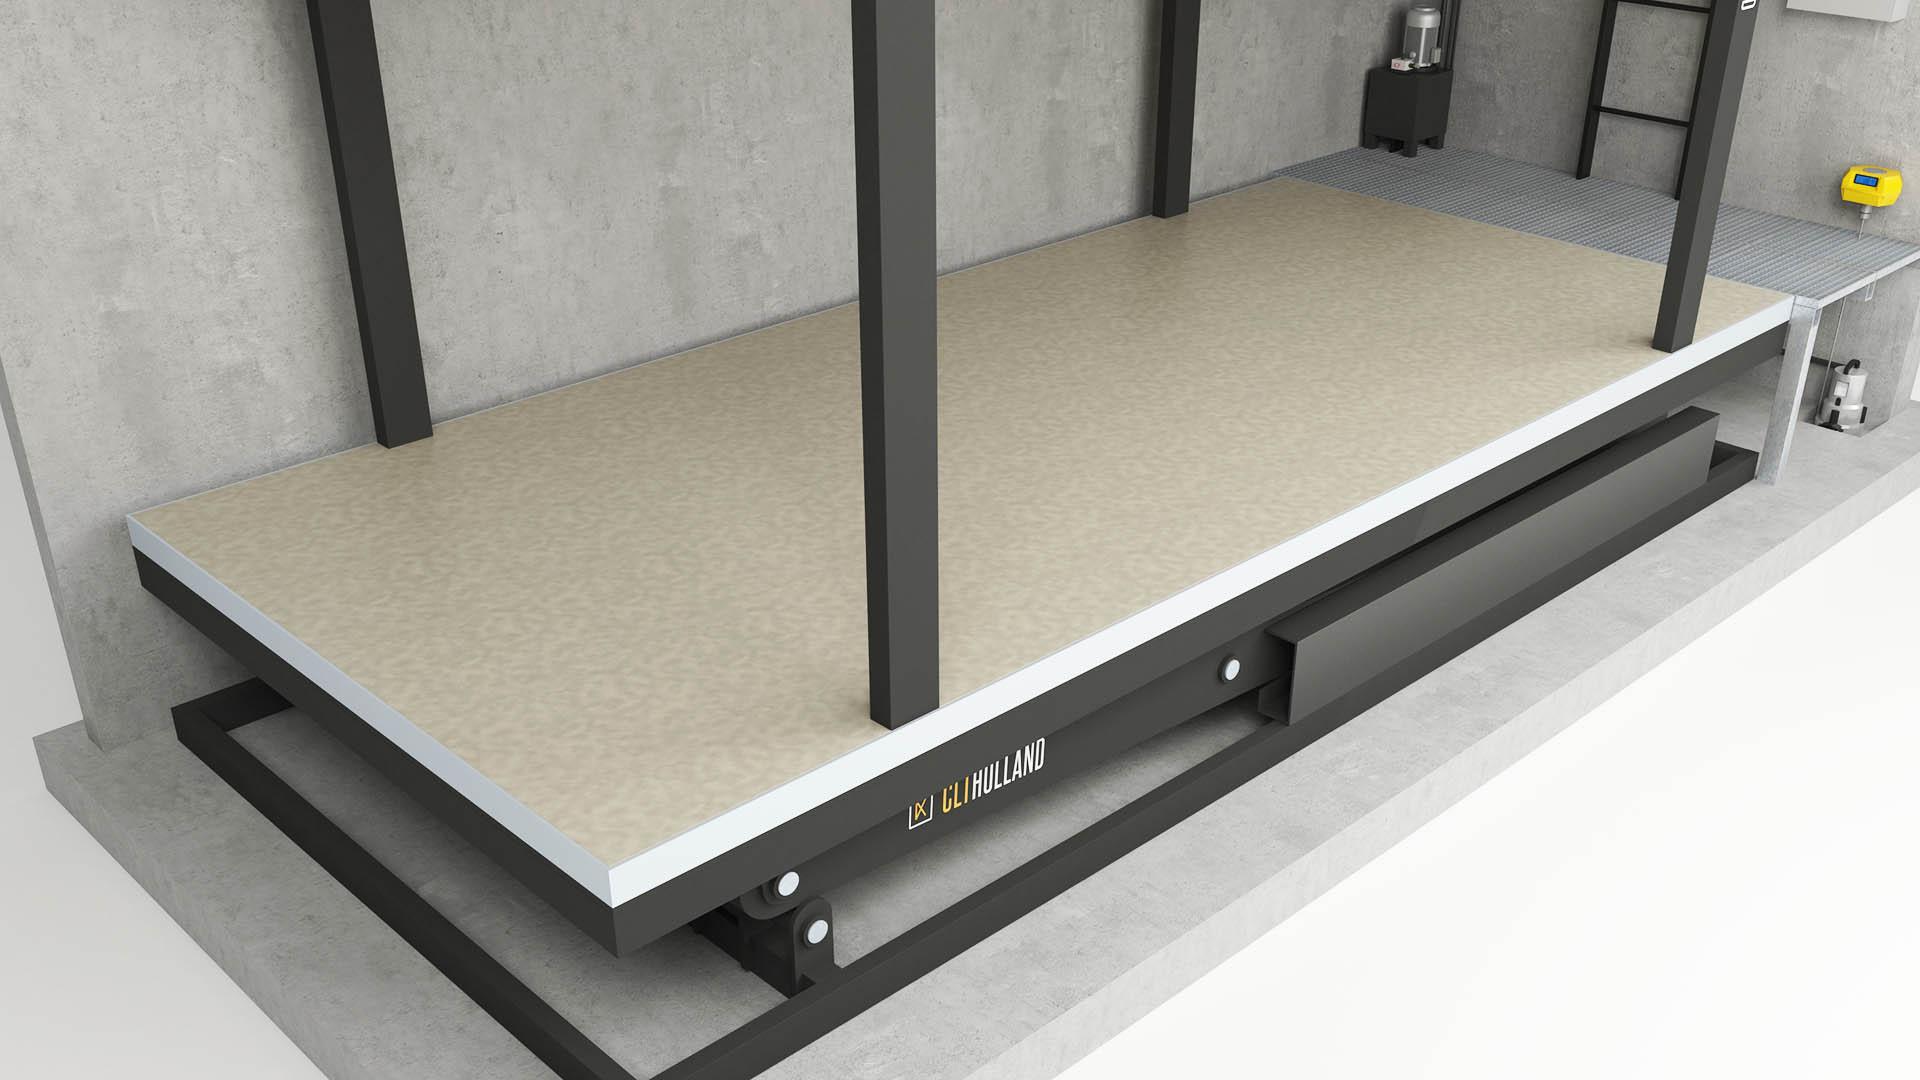 CLT Holland parkeerliften tot in details afgewerkt. Dit voorbeeld geeft de basiskleur van de vloer weer.